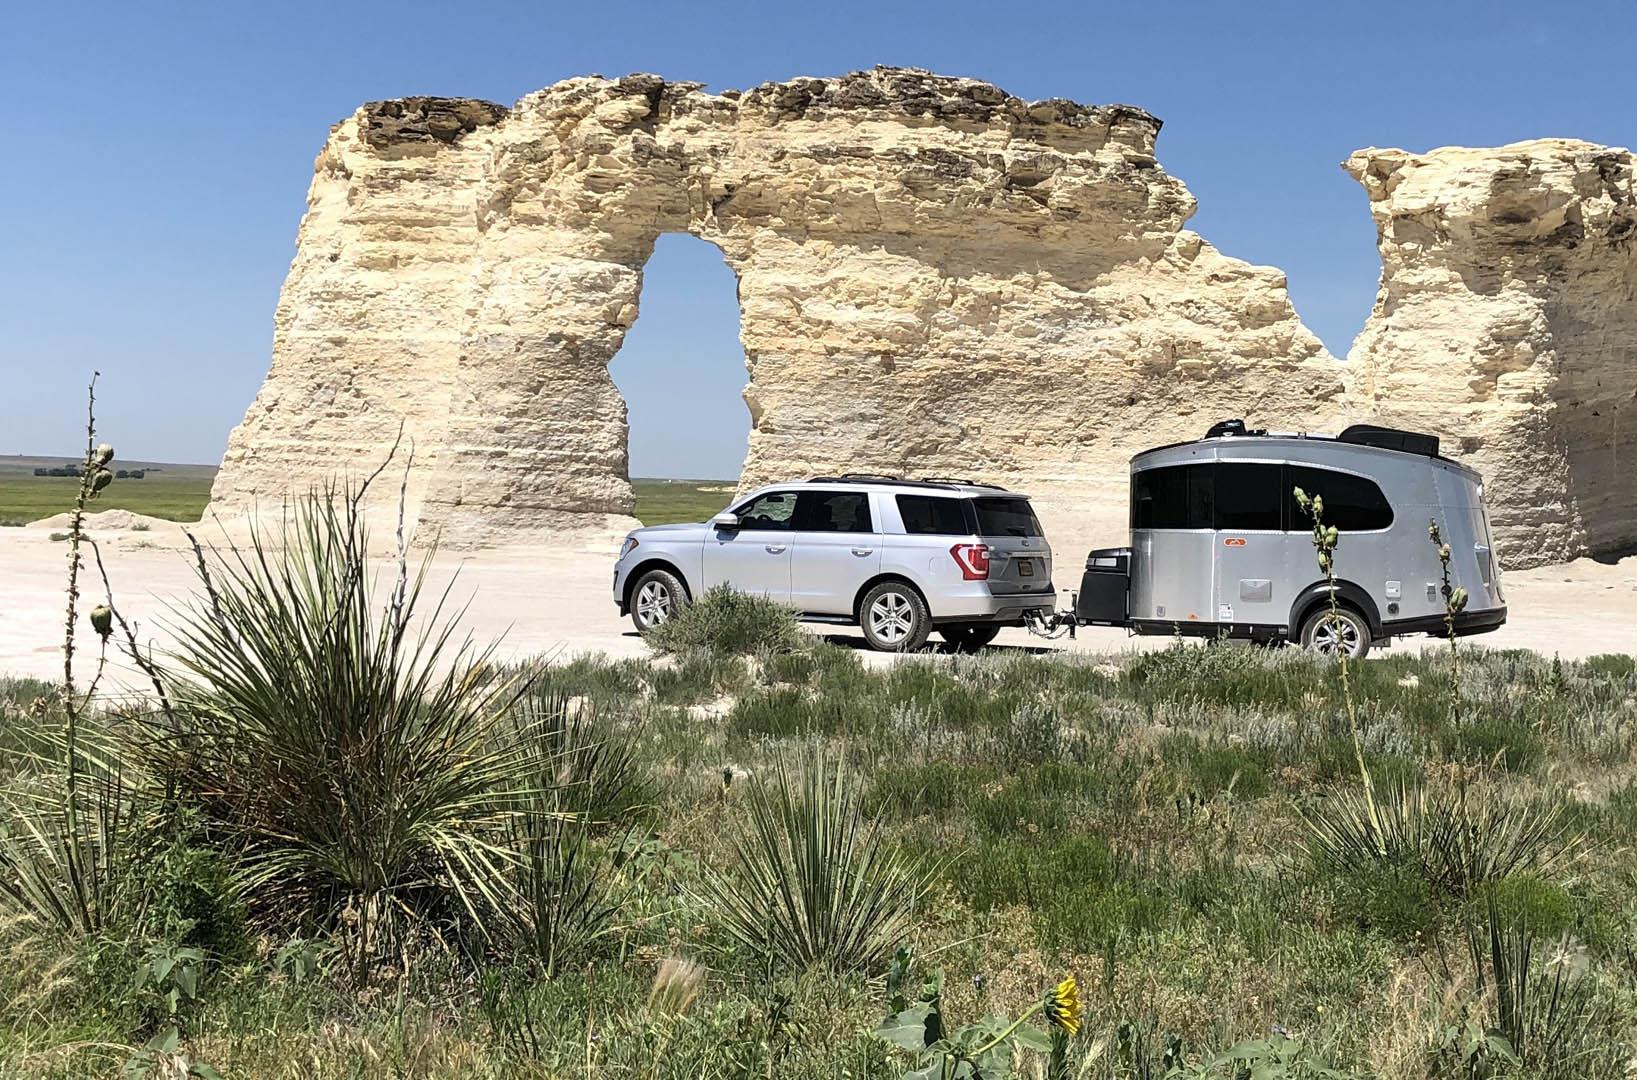 Basecamp rock formation